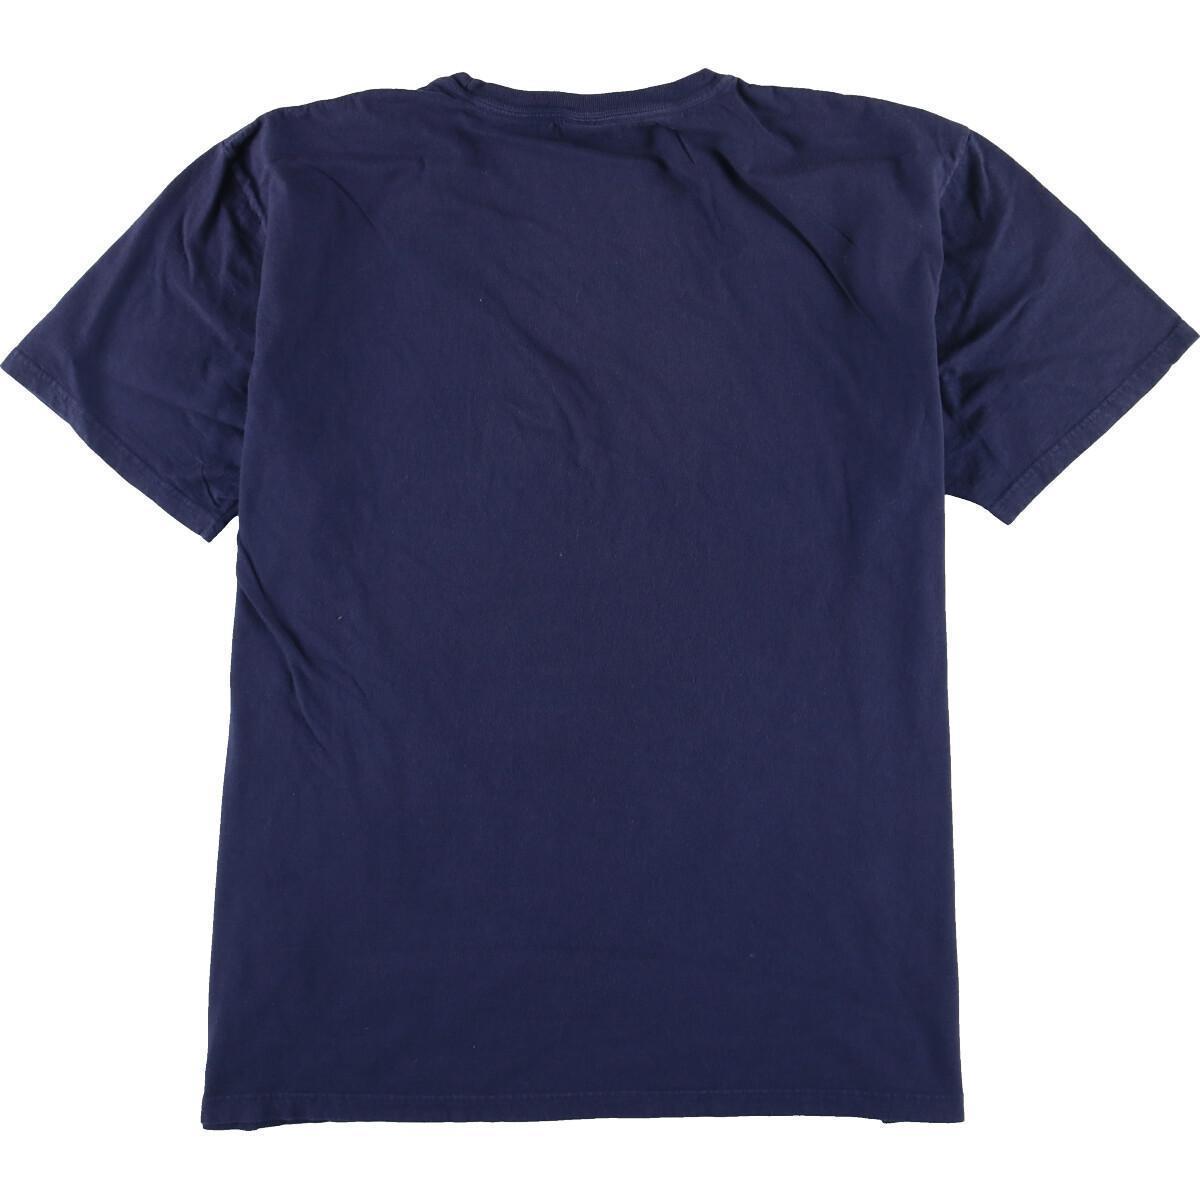 ラルフローレン Ralph Lauren POLO by Ralph Lauren 半袖 ワンポイントロゴTシャツ メンズXL /eaa159742_画像2